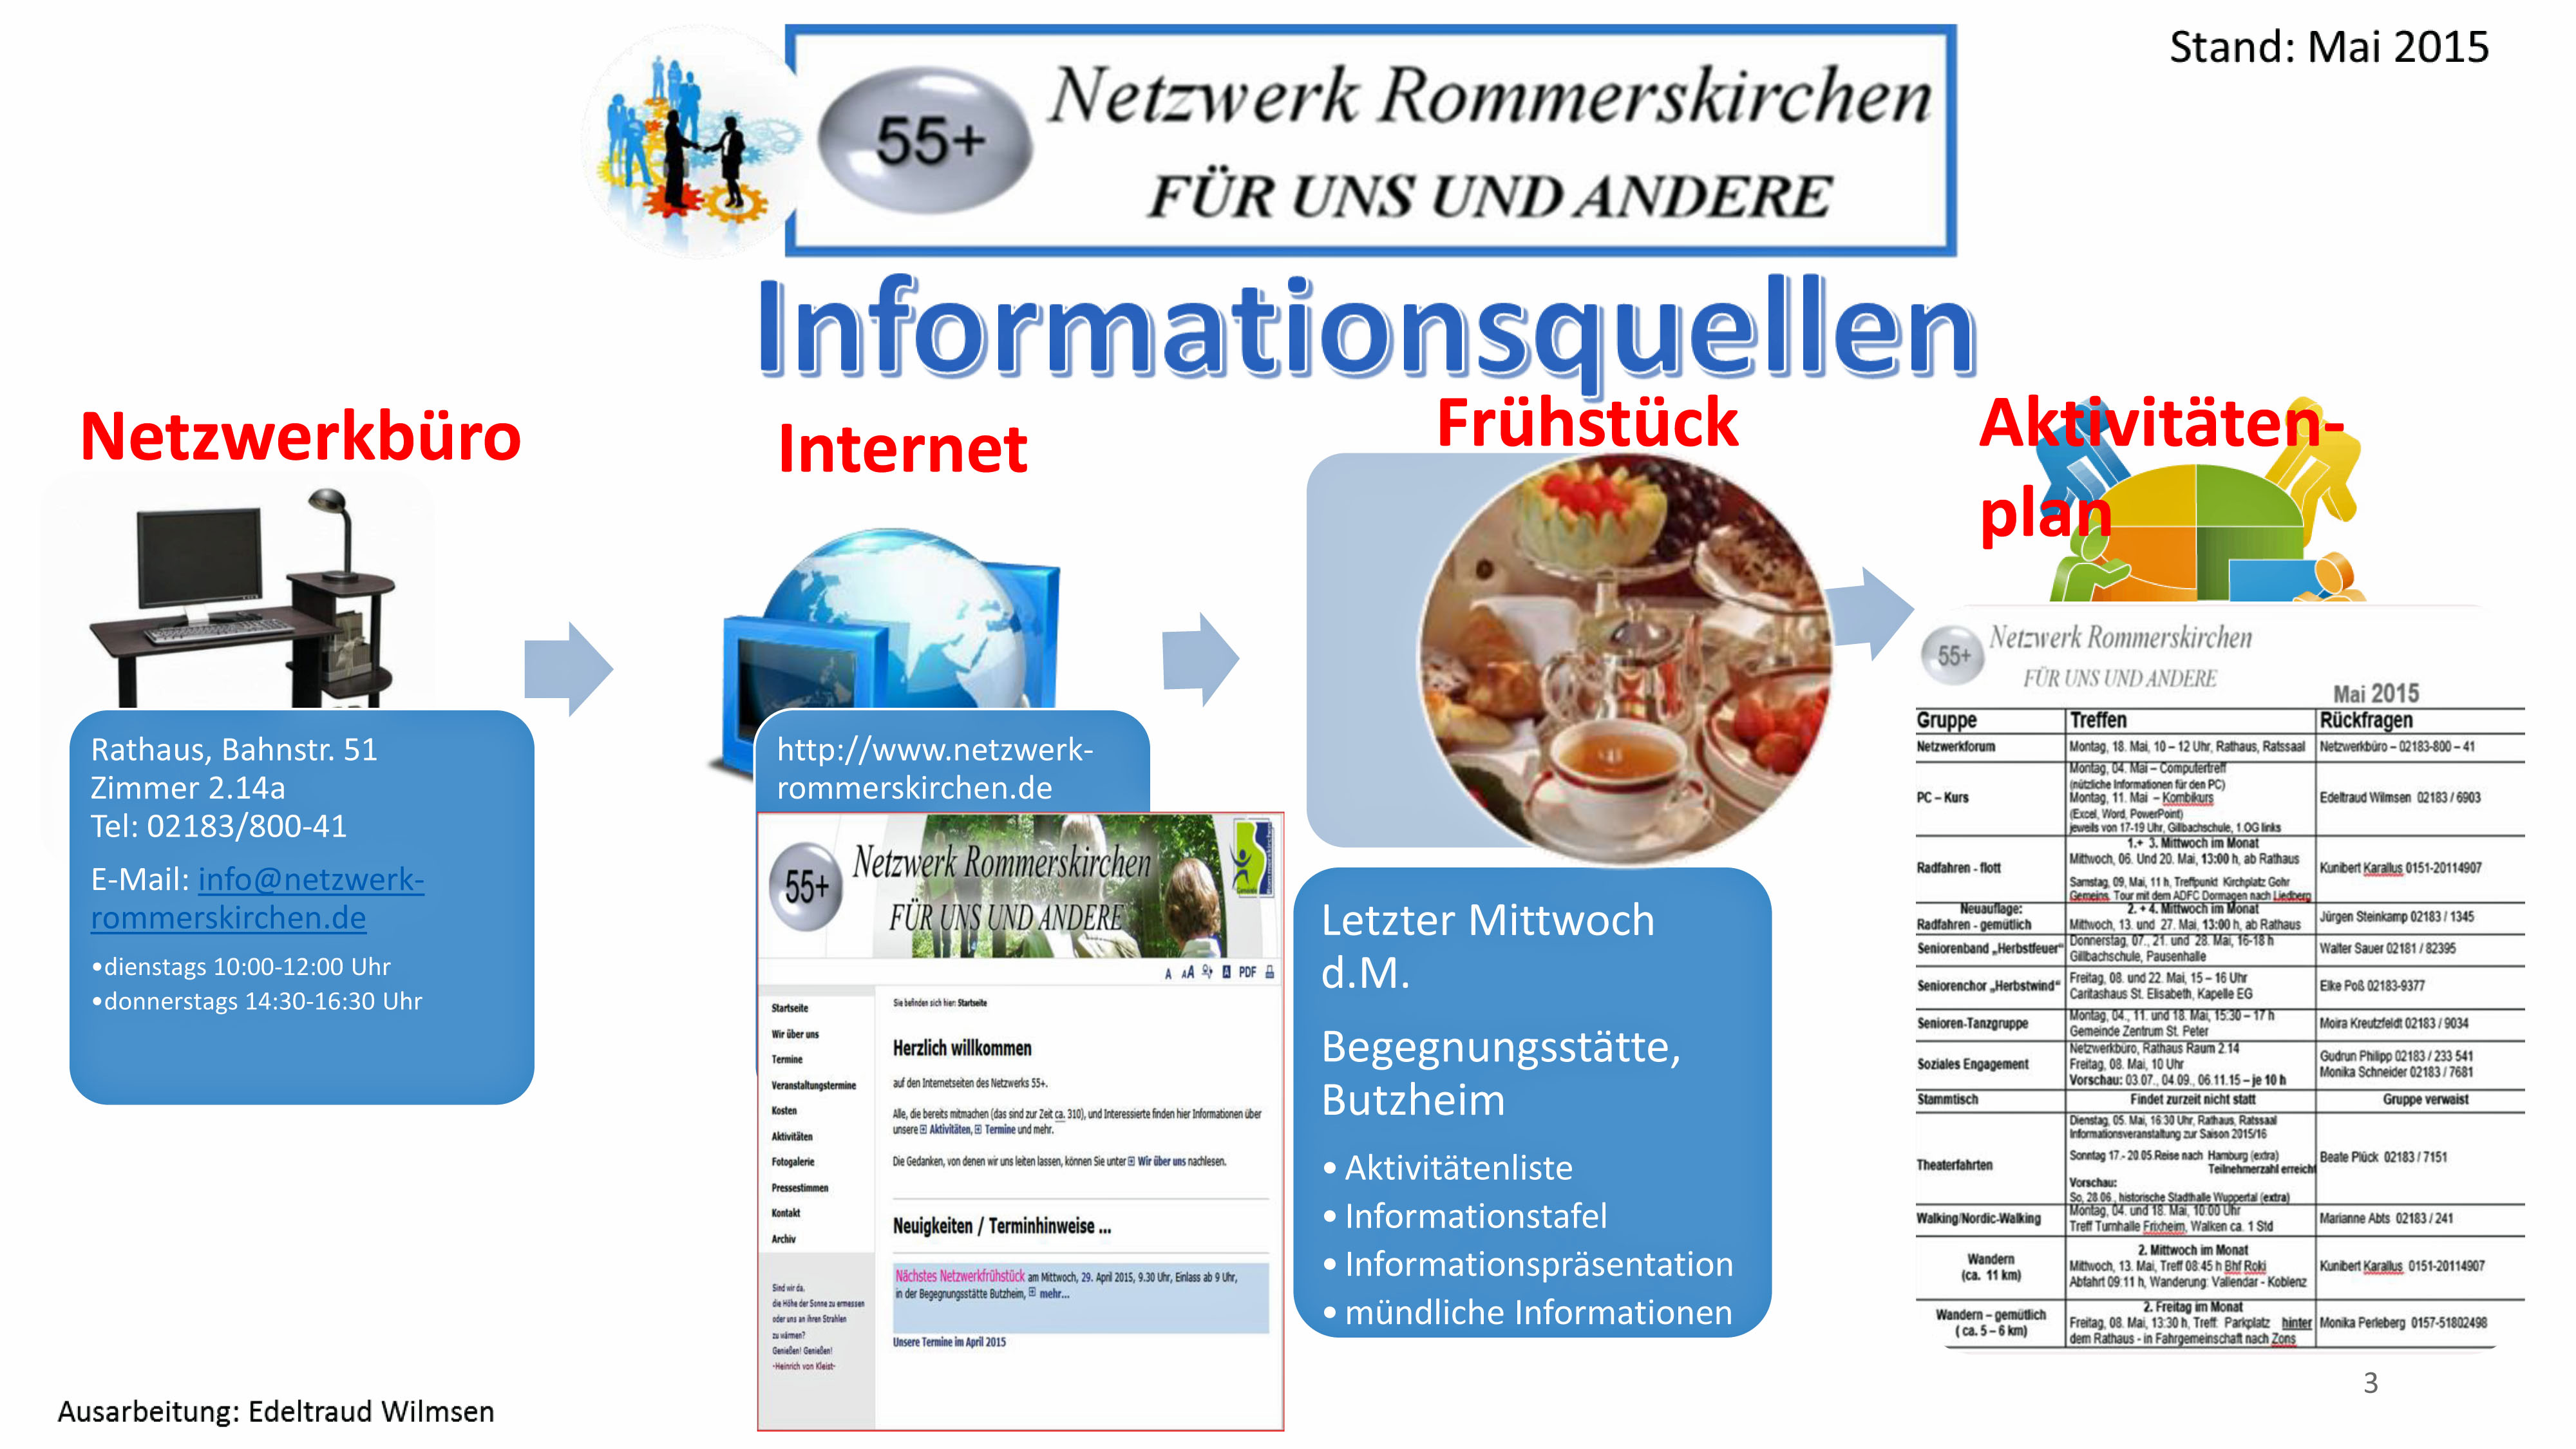 Informationsquellen des Netzwerk Rommerskirchen